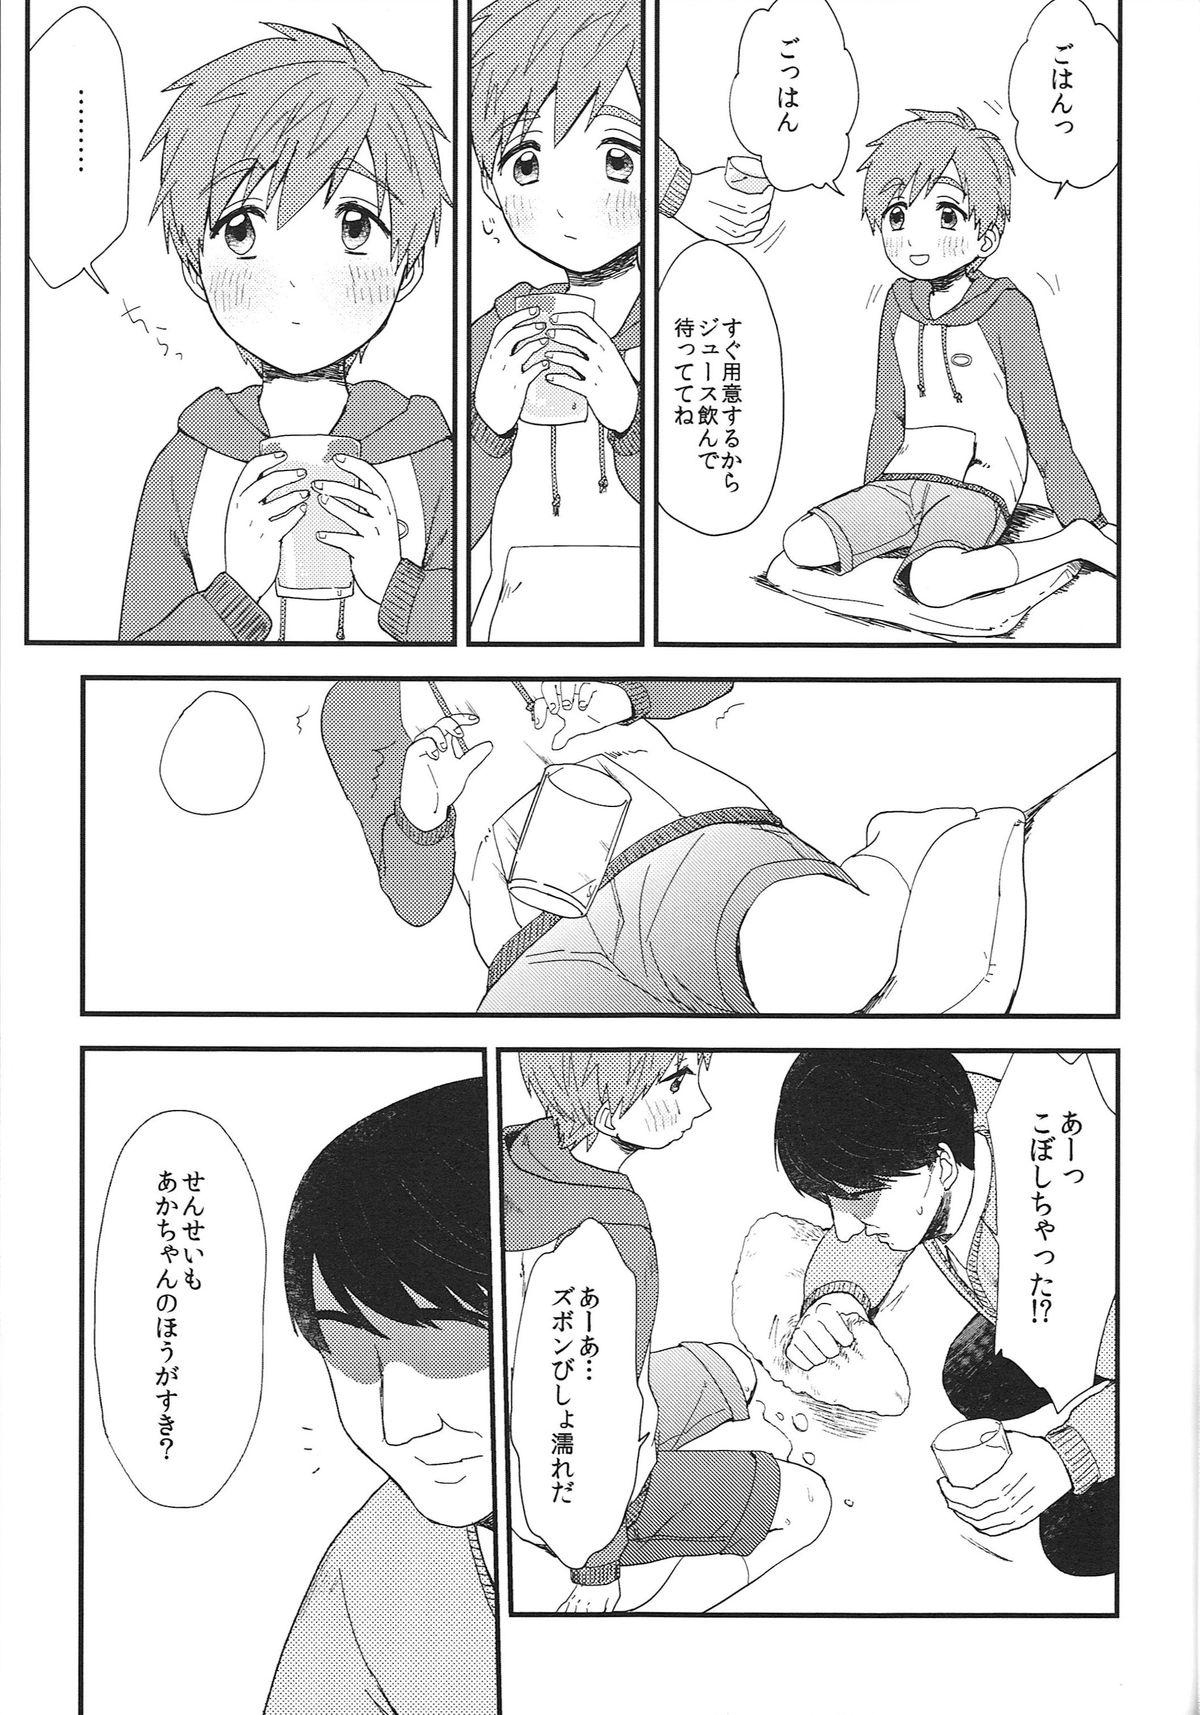 Onii-chan ni Naritakunai Yamai 11